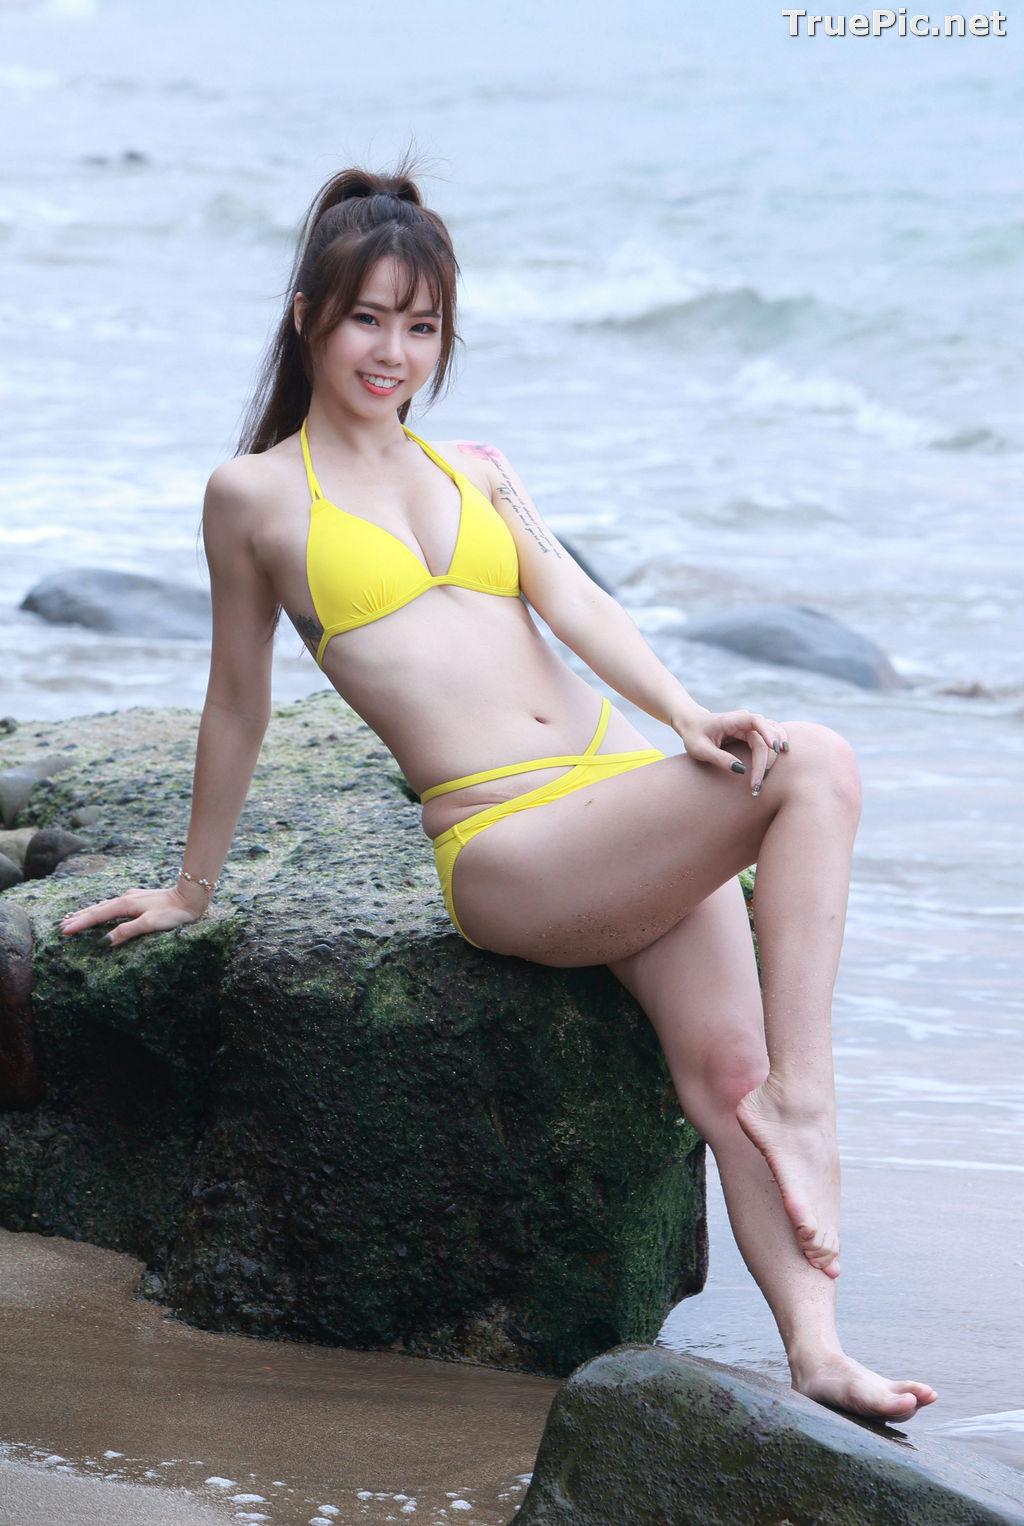 Image Taiwanese Beautiful Model - Debby Chiu - Yellow Sexy Bikini - TruePic.net - Picture-1